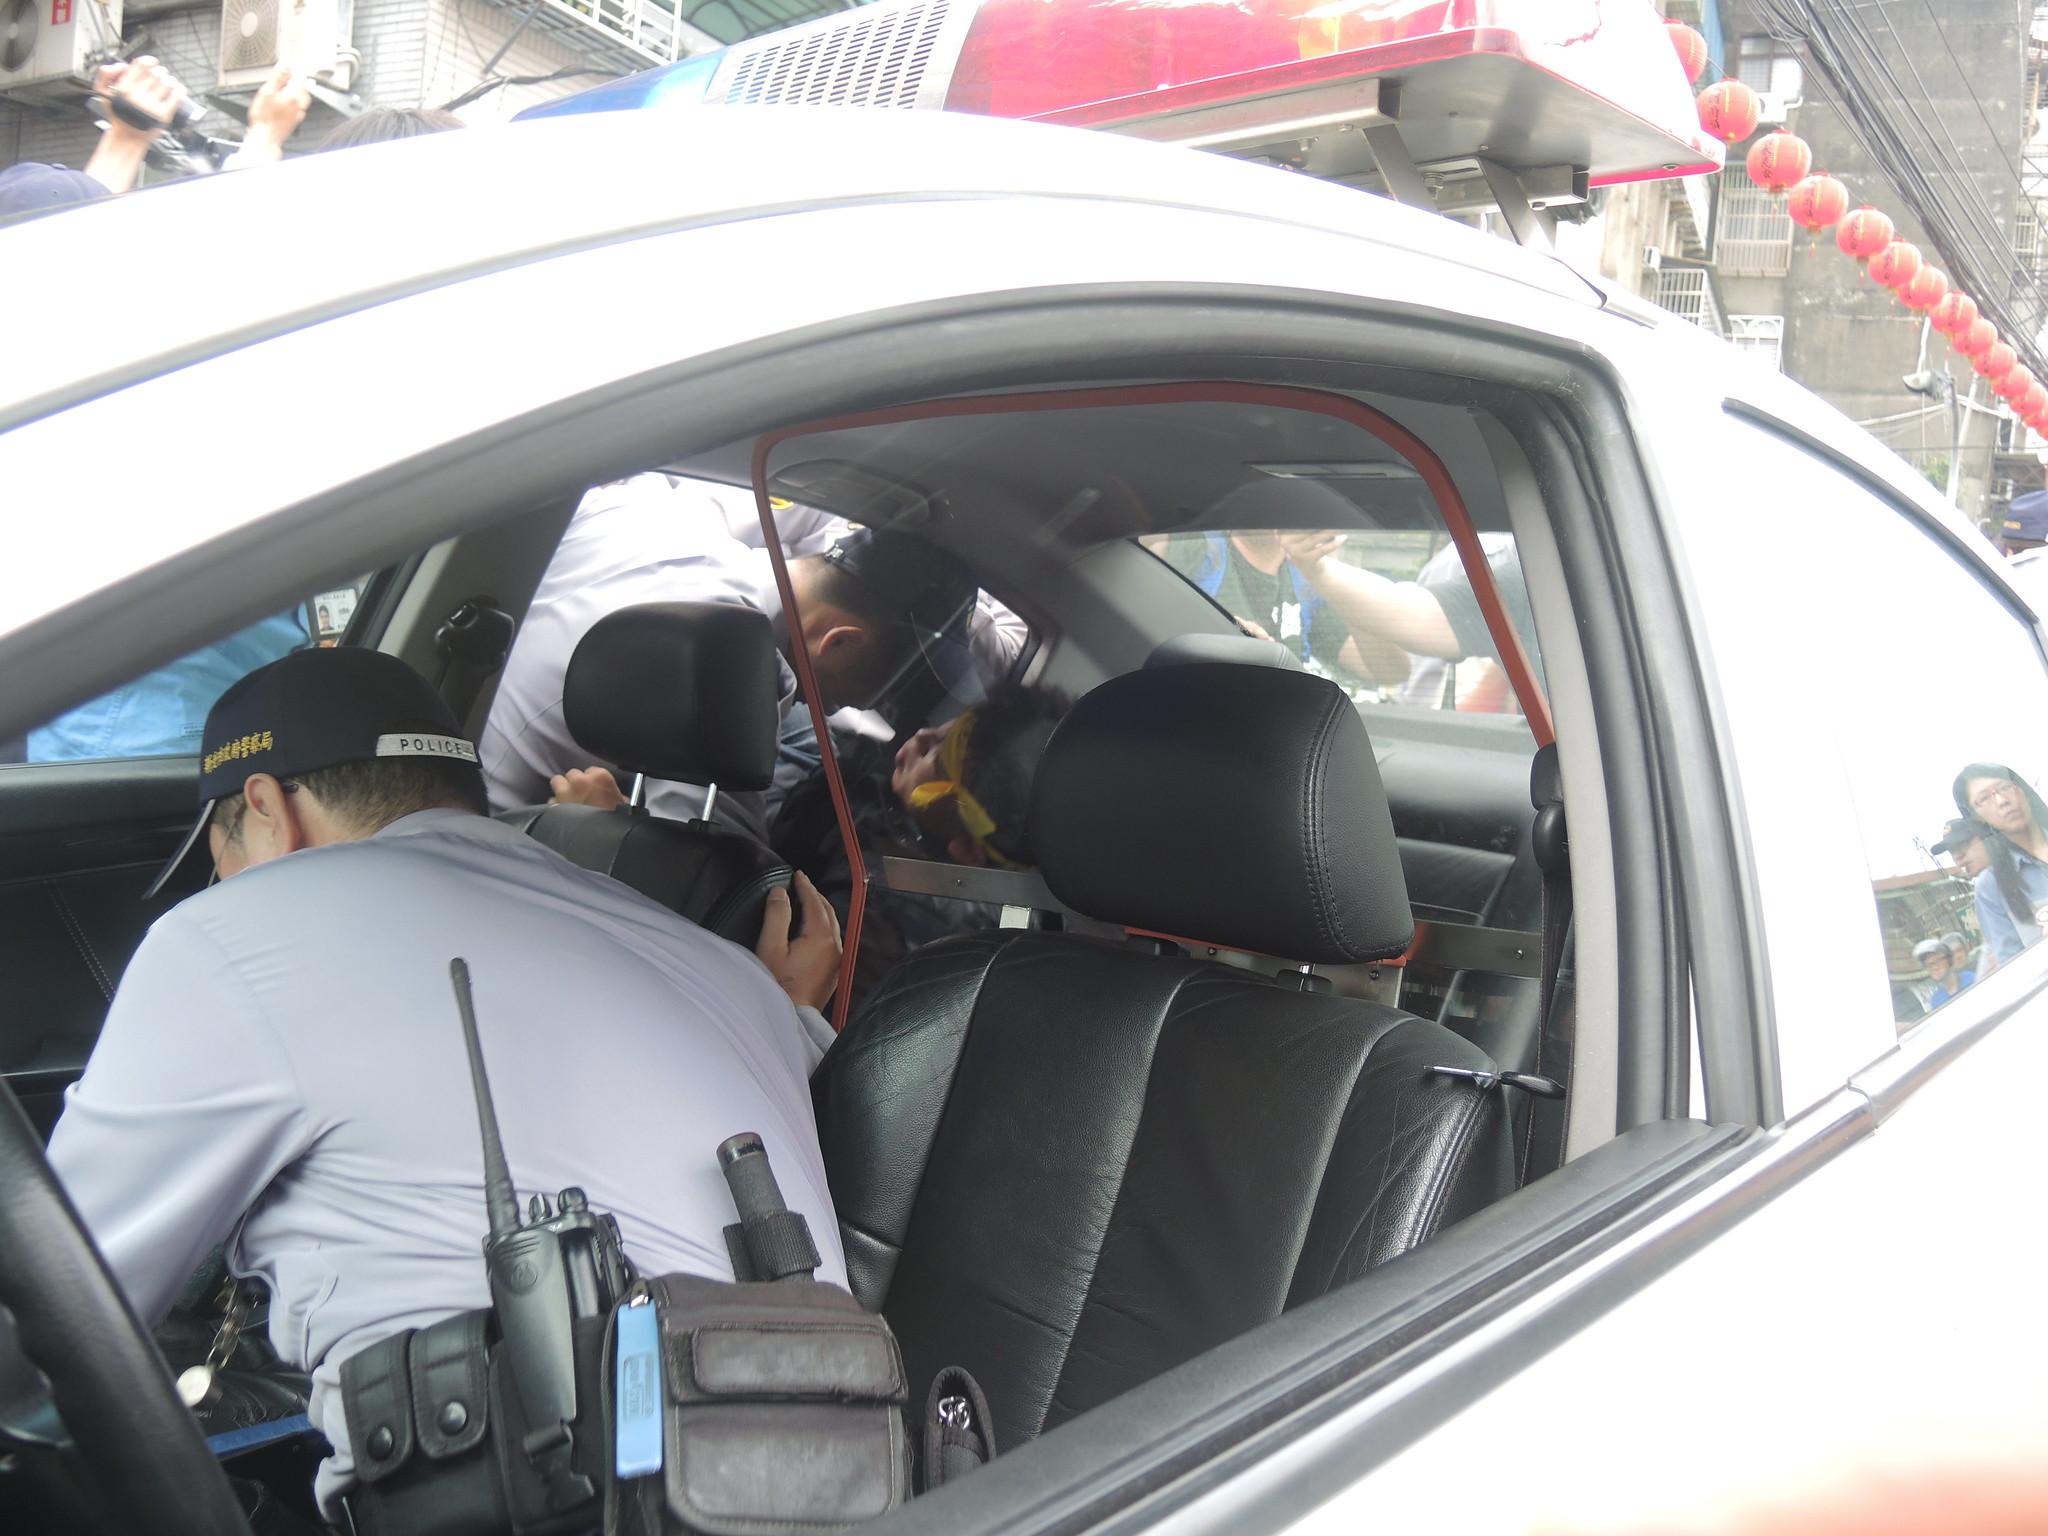 聲援者鄭仲皓隨即遭強押上巡邏車,帶回警備車內拘禁。(攝影:曾福全)